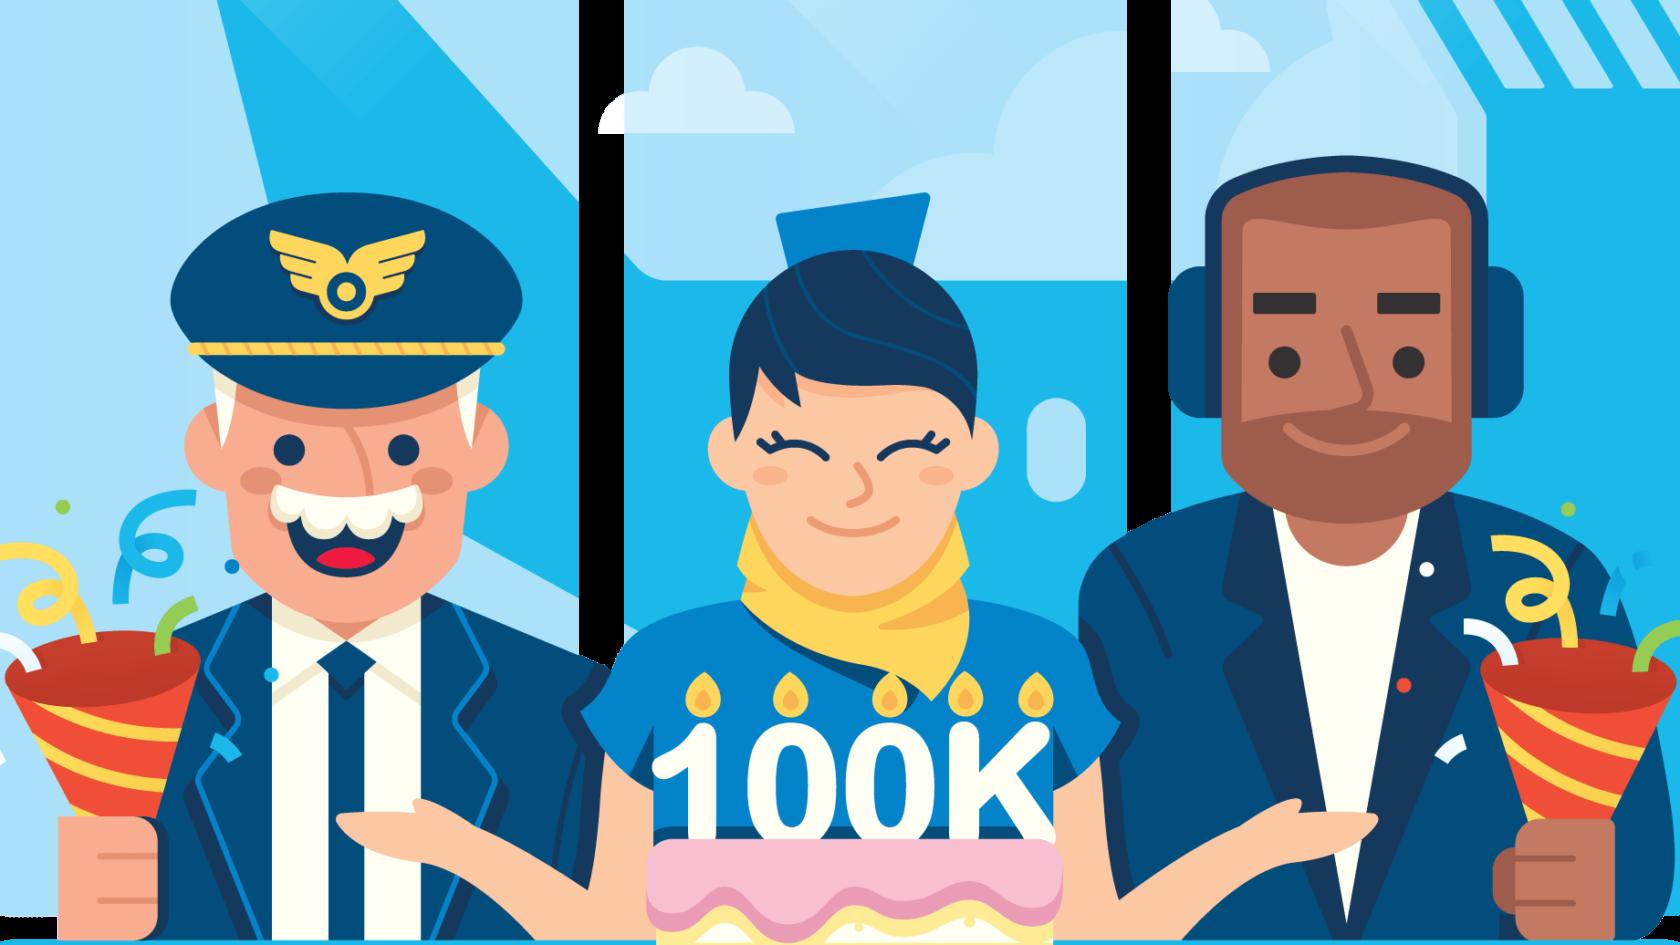 Celebrating 100k members